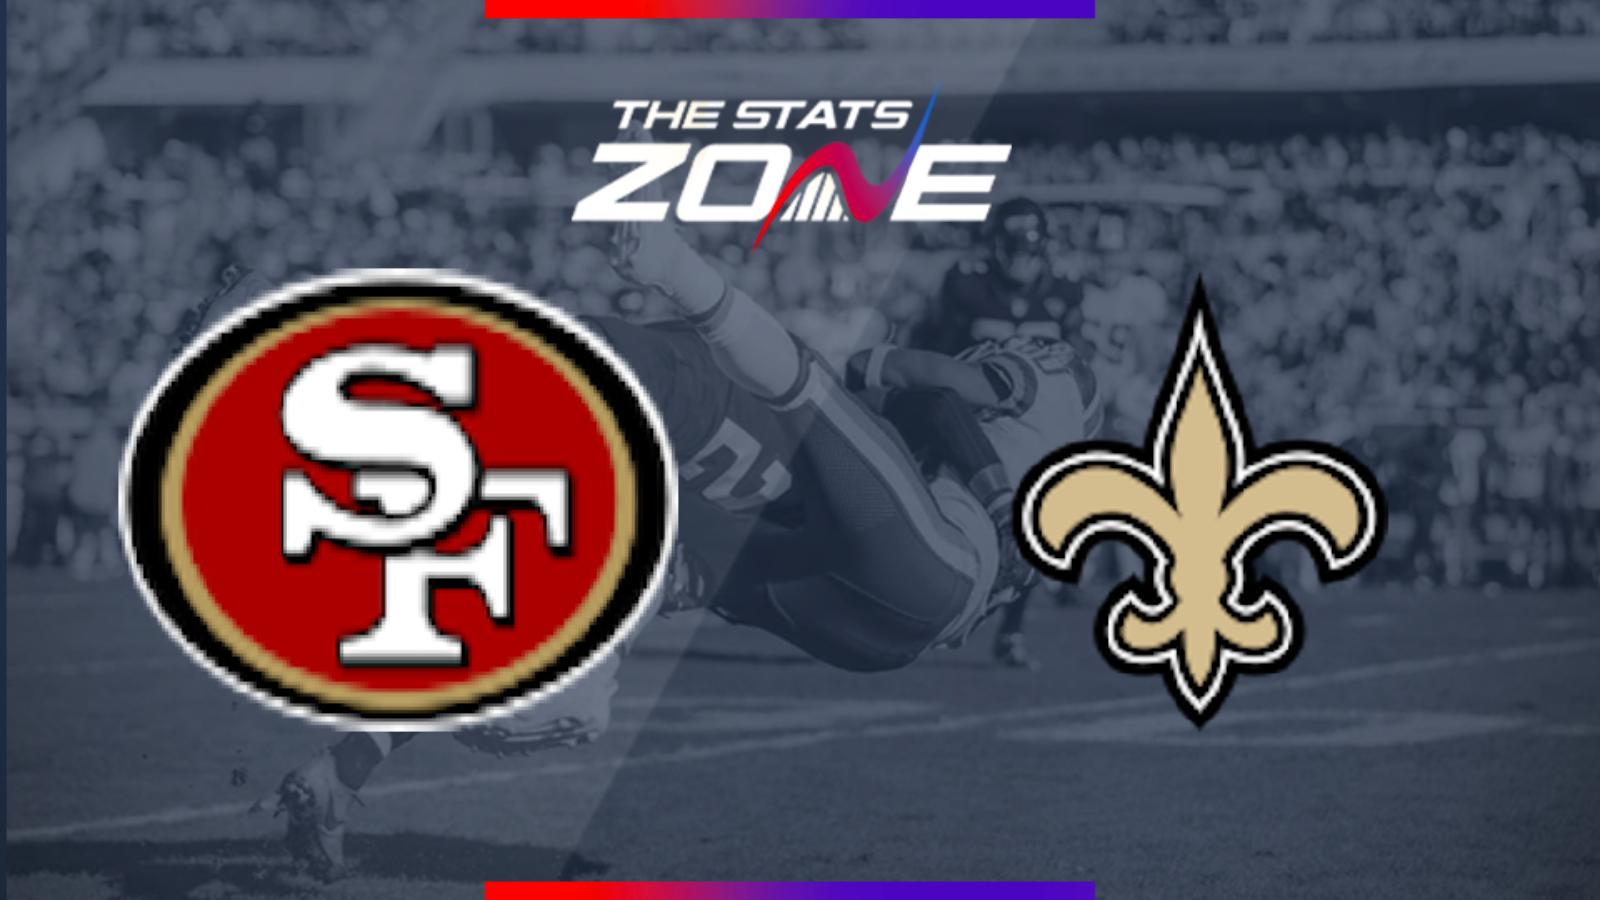 2019 Nfl San Francisco 49ers New Orleans Saints Preview